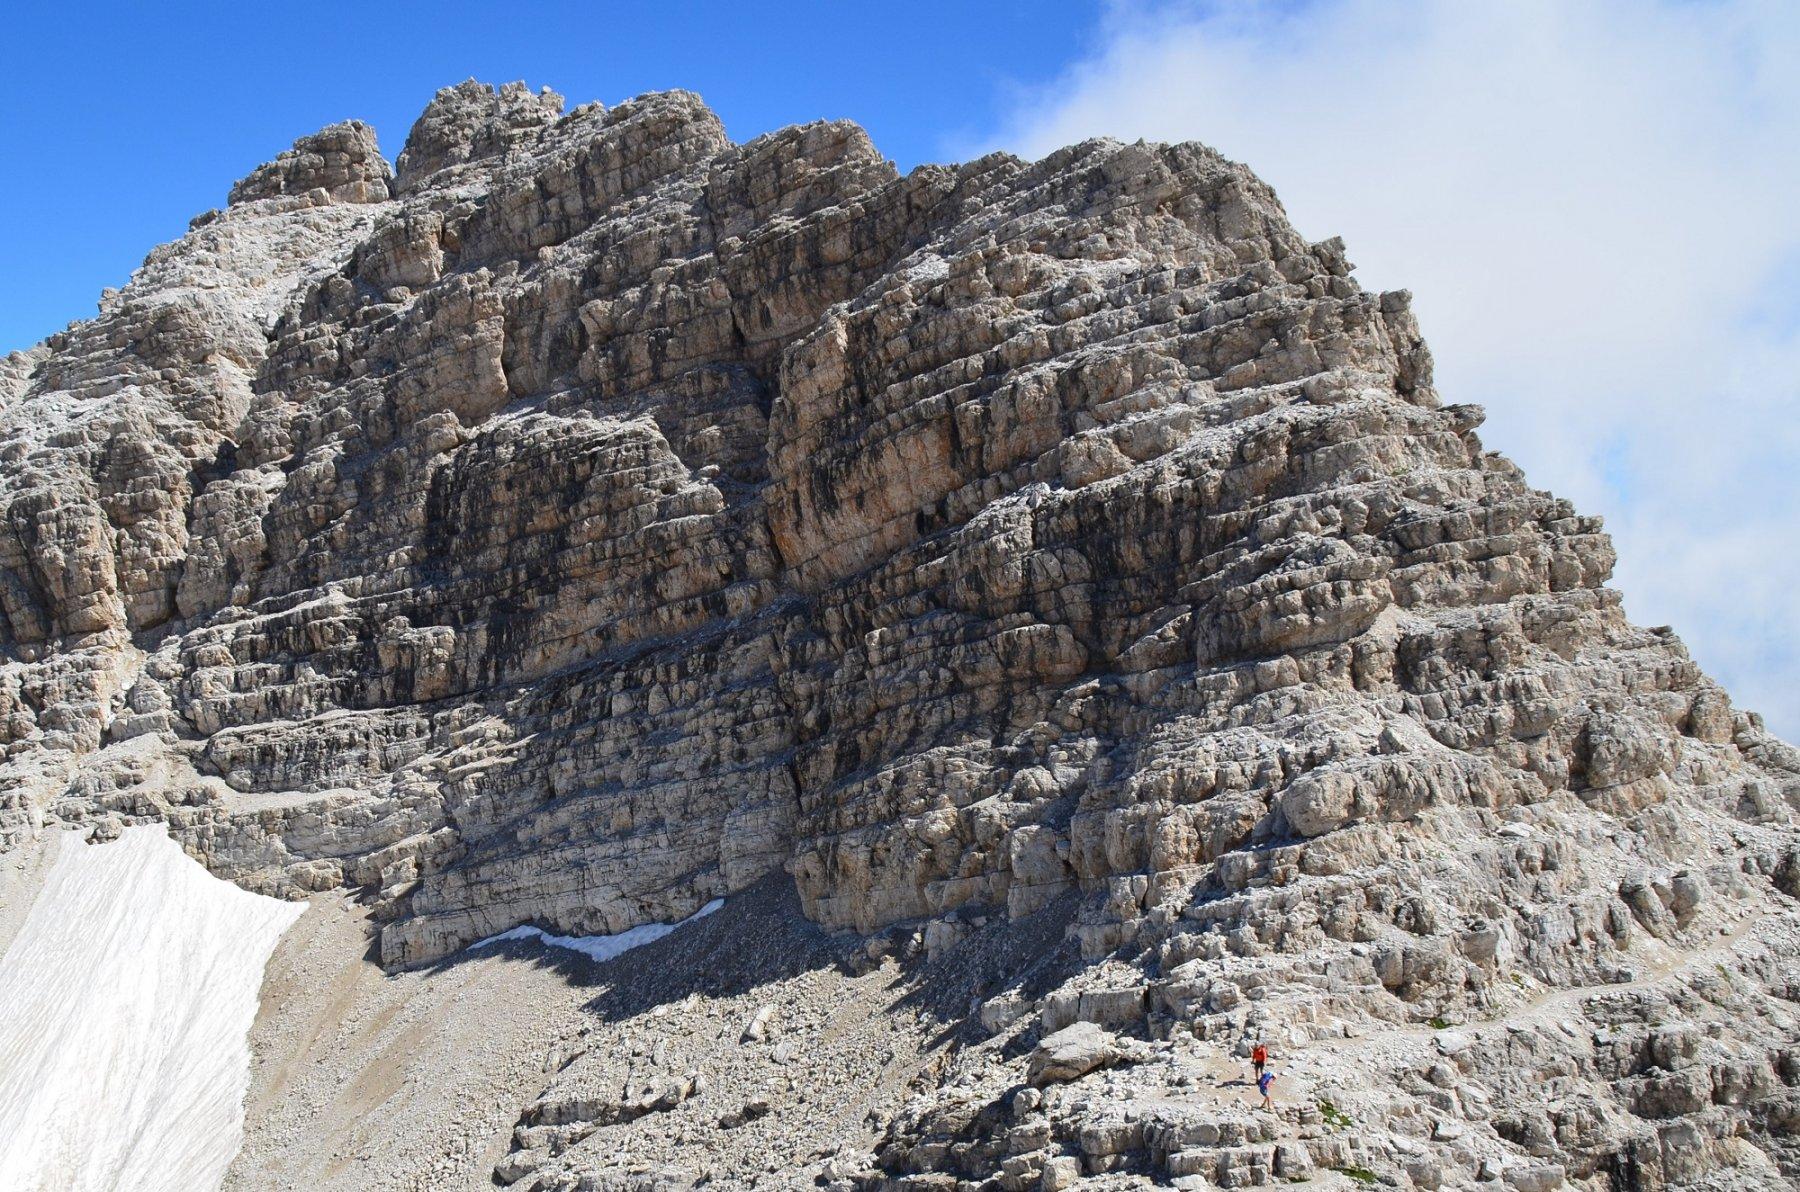 La frastagliata cresta sud del Campanile di Vallesinella